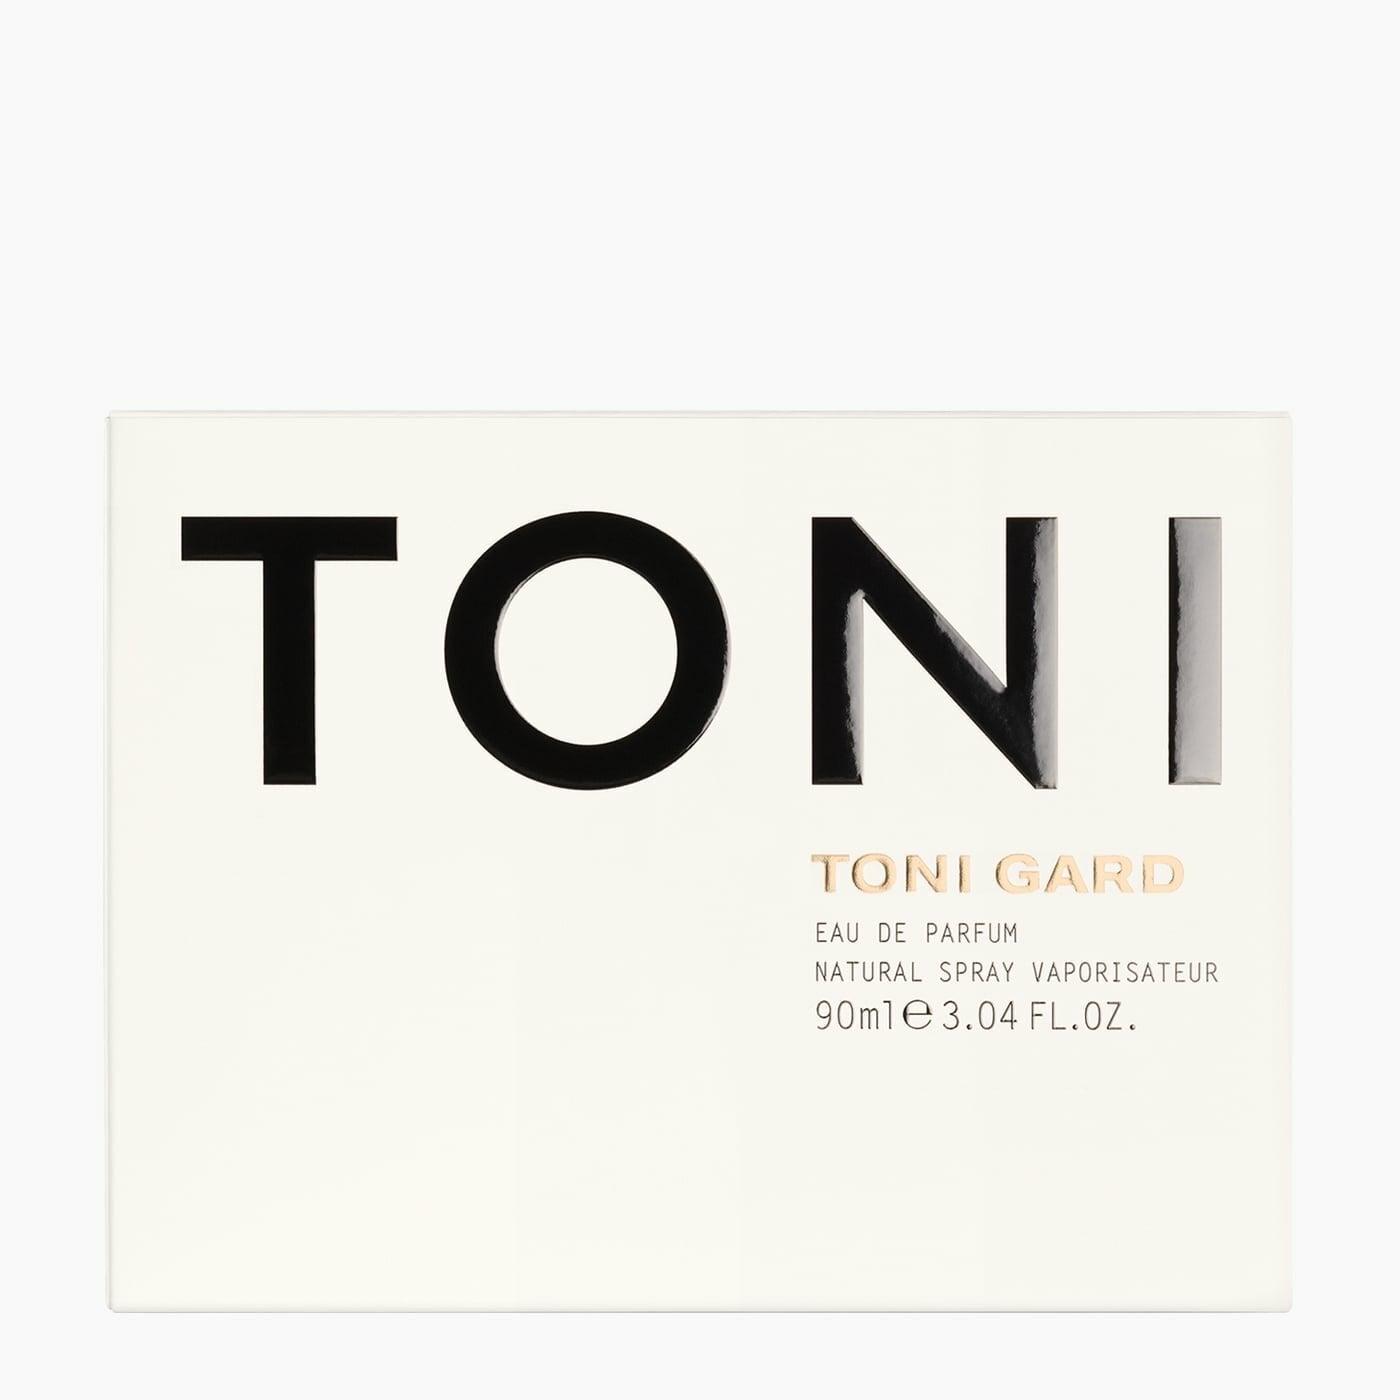 TONI FOR WOMAN Eau de Parfum / 90 ML